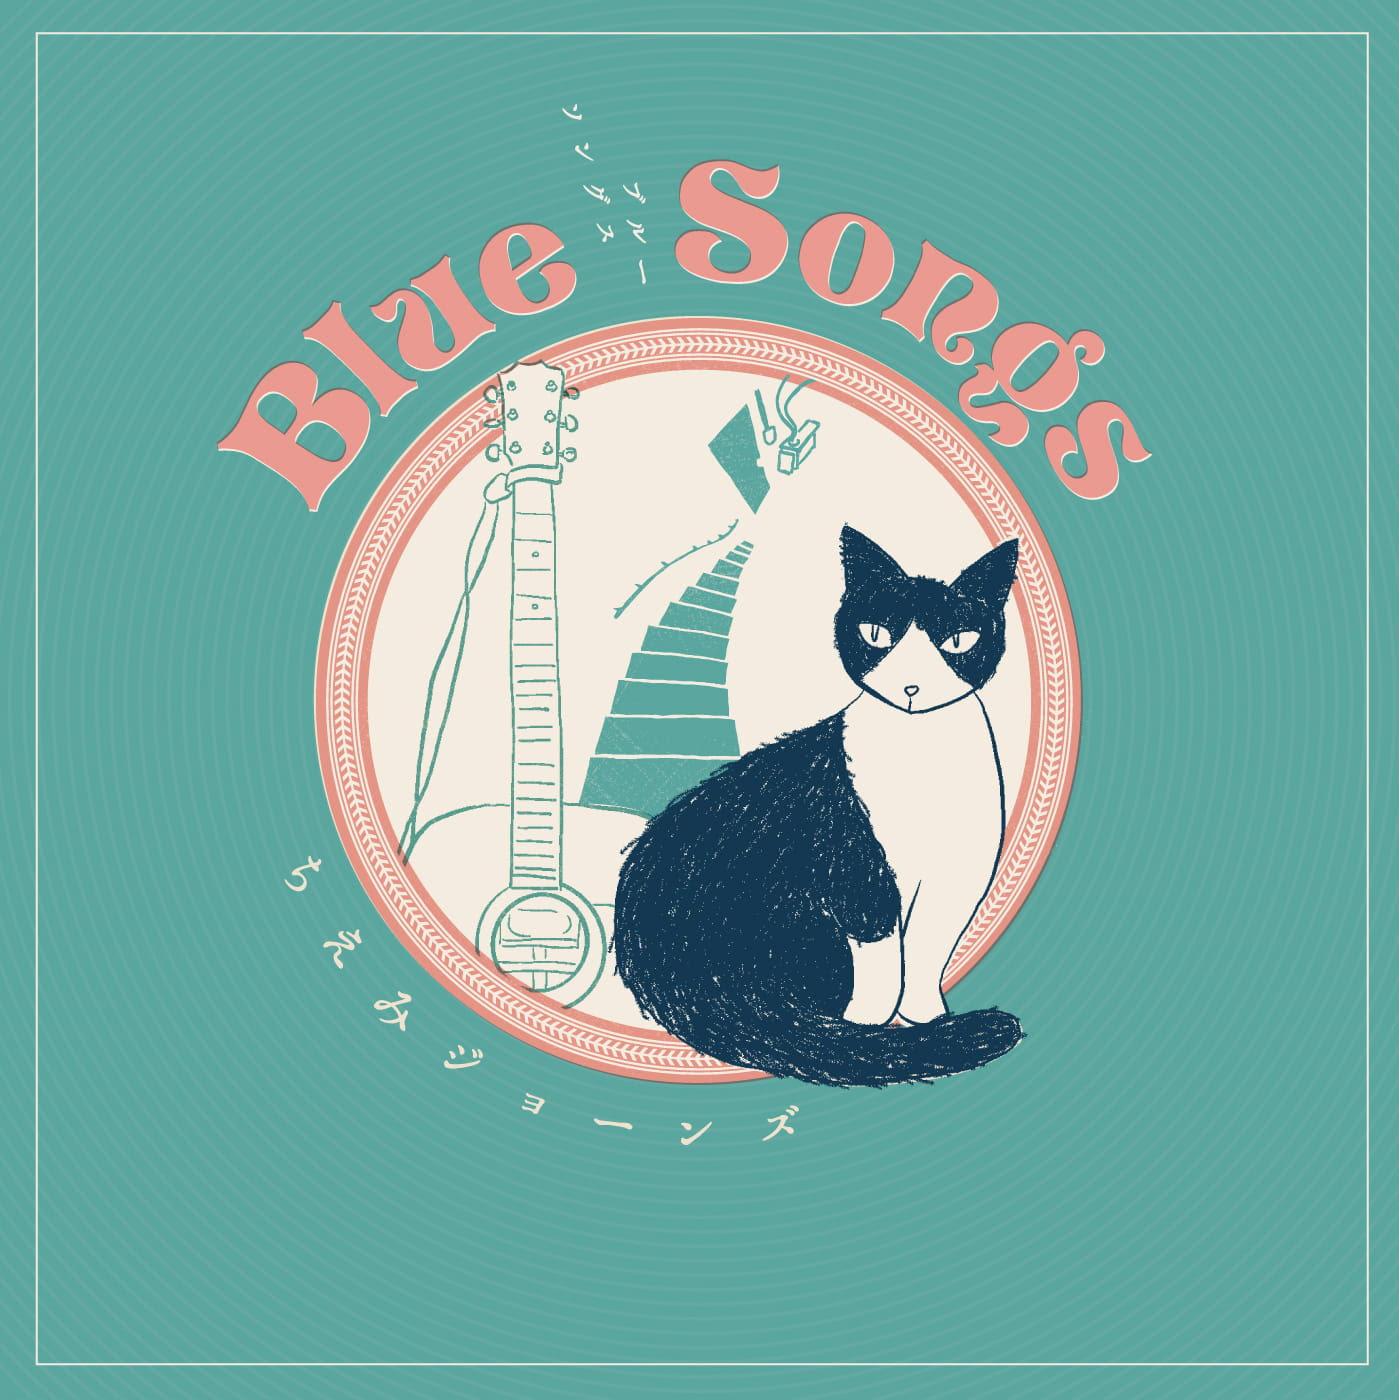 ちえみジョーンズ『Blue Songs』